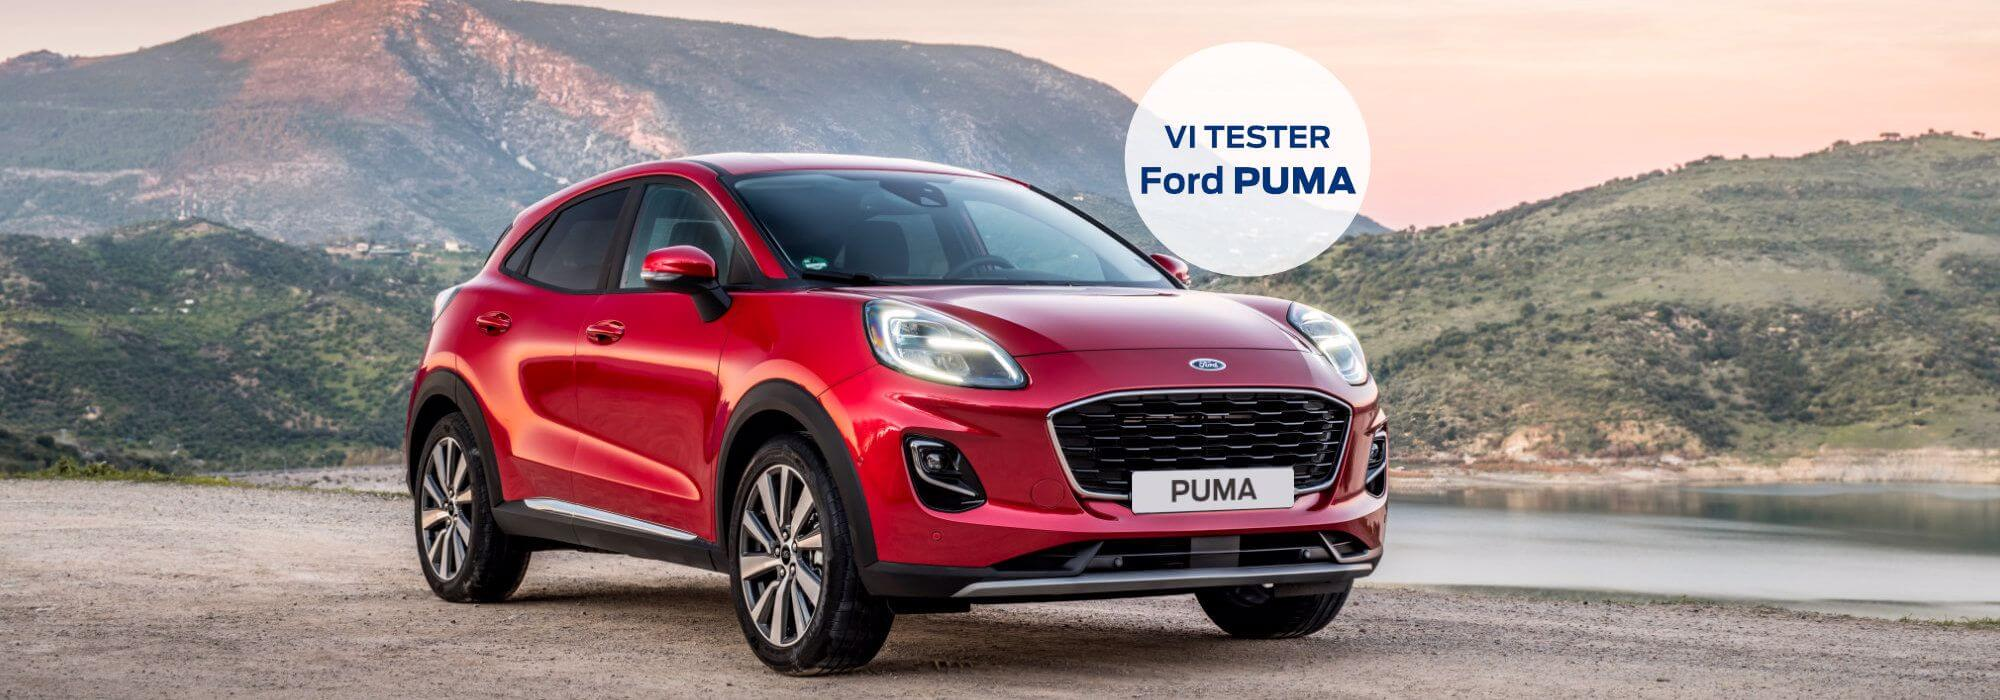 Mød den nye Ford Puma - anmeldelser